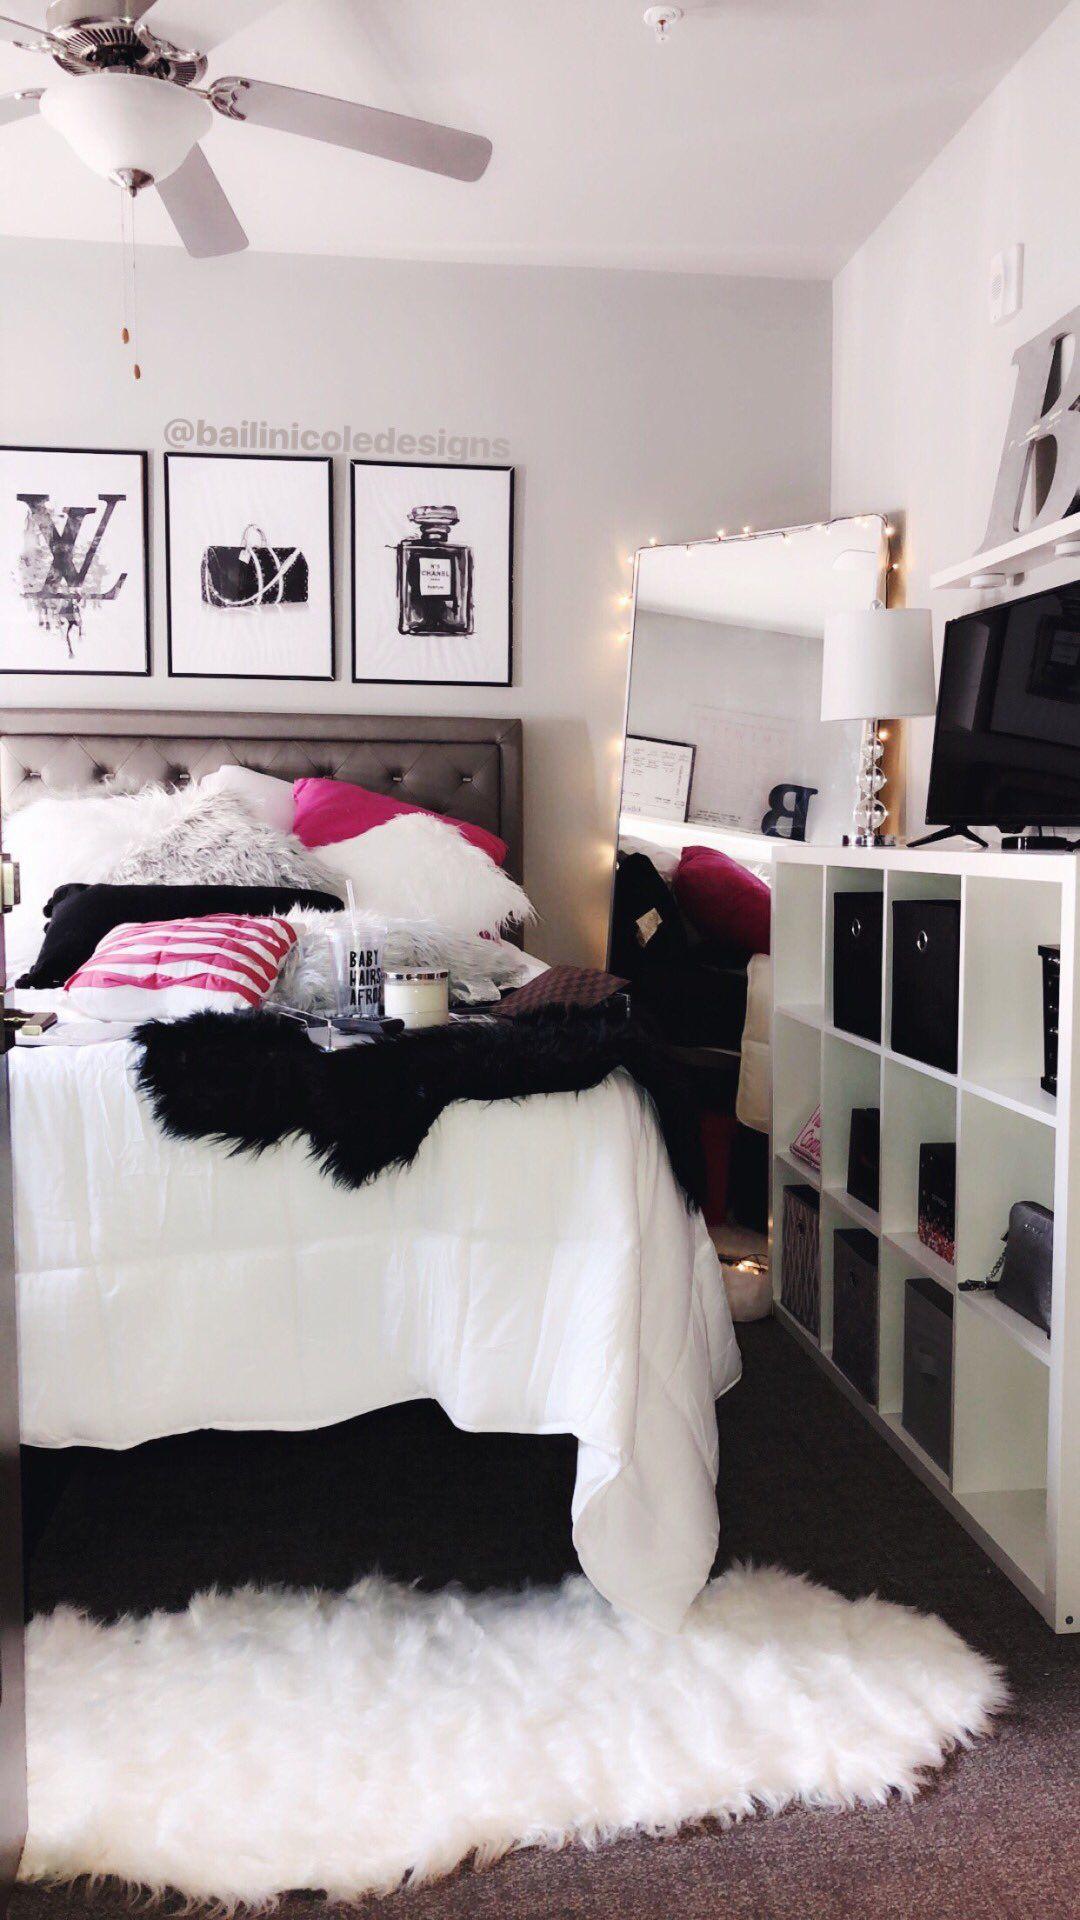 Btwimk💗. | Bedroom decor, Room, Girls bedroom